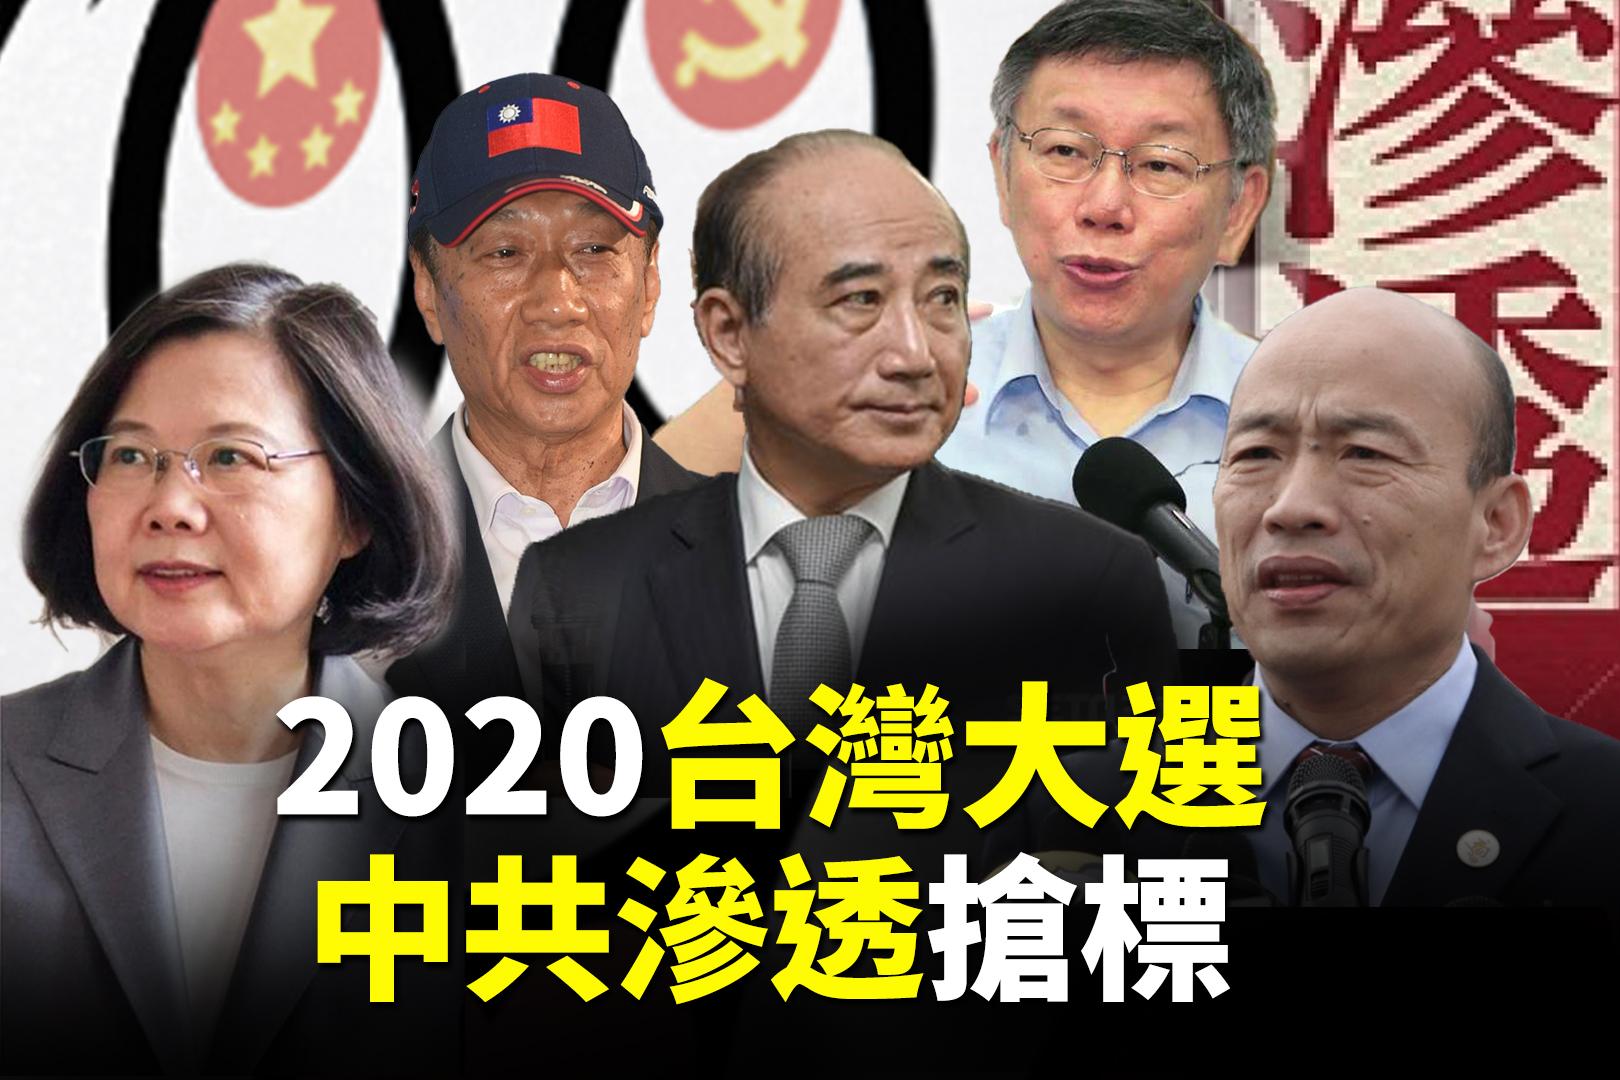 台灣總統大選選戰逐漸進入高潮。但是,中共干預台灣大選的影子始終揮之不去。(大紀元)